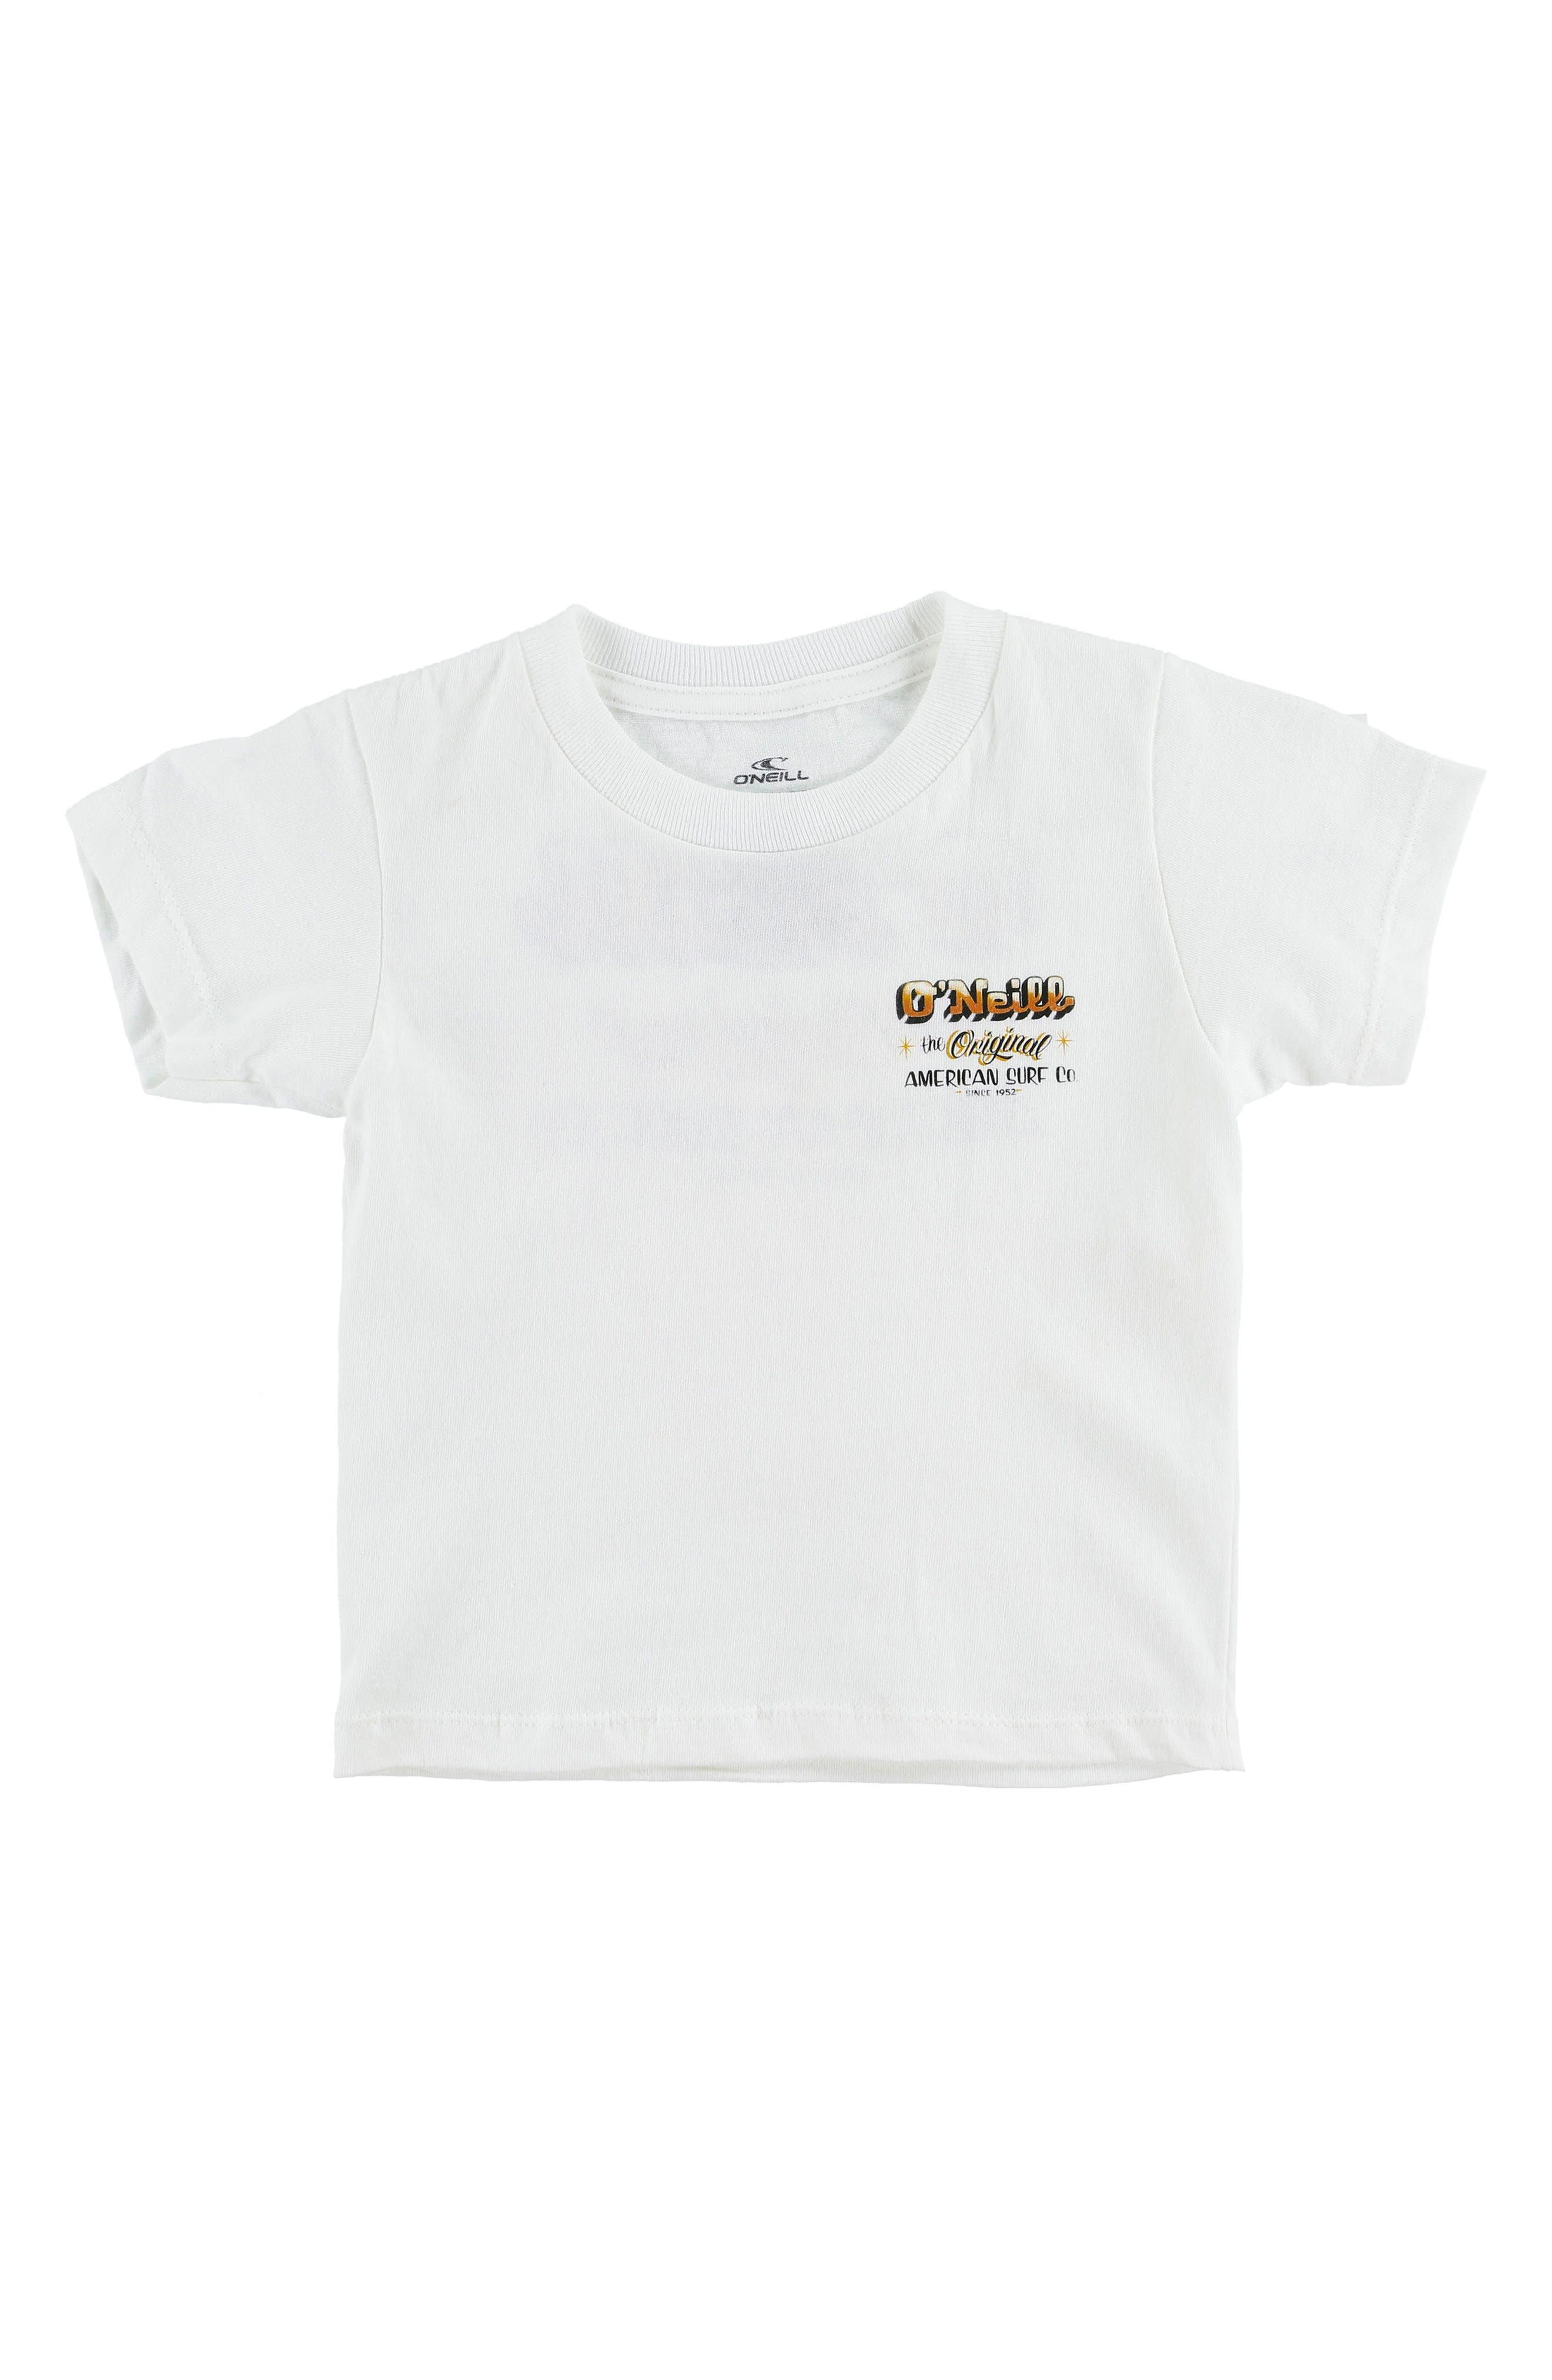 Tuki Graphic T-Shirt,                             Main thumbnail 1, color,                             White